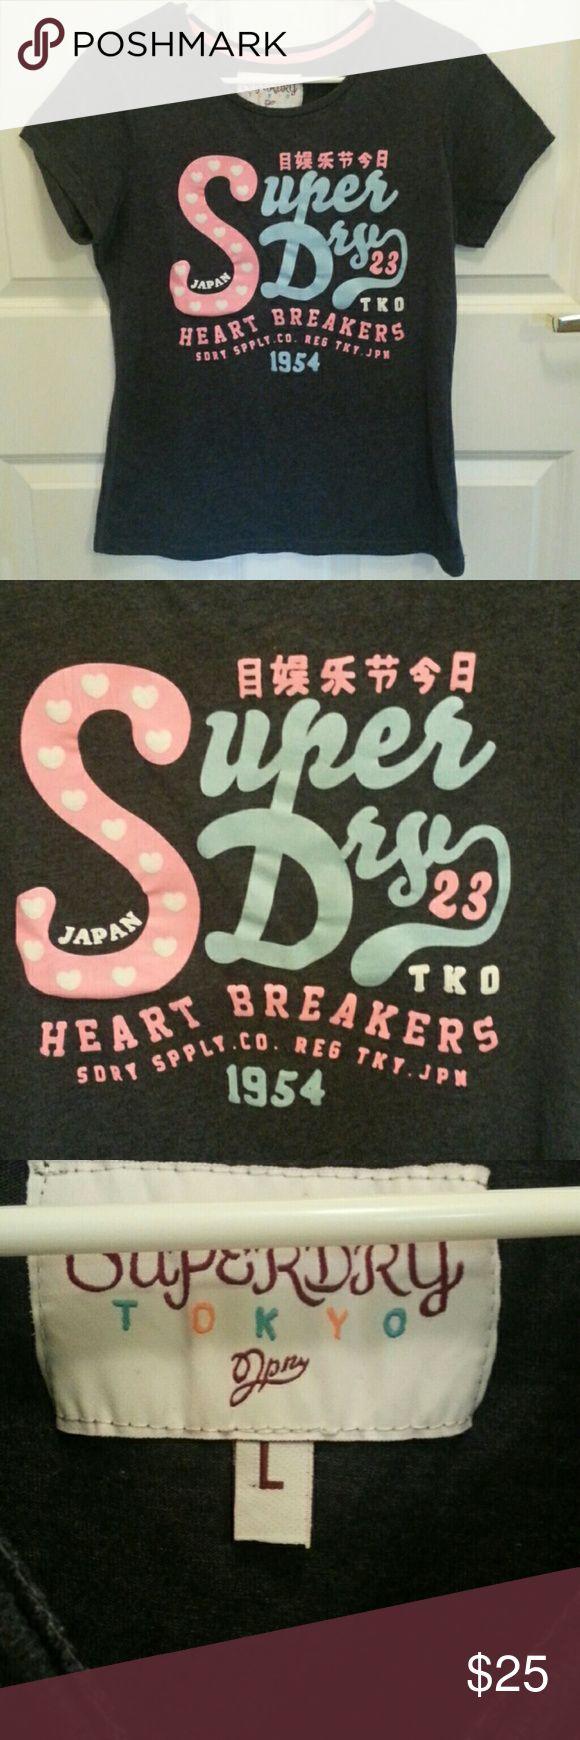 Superdry women tshirt Superdry women tshirt size large Superdry Tops Tees - Short Sleeve